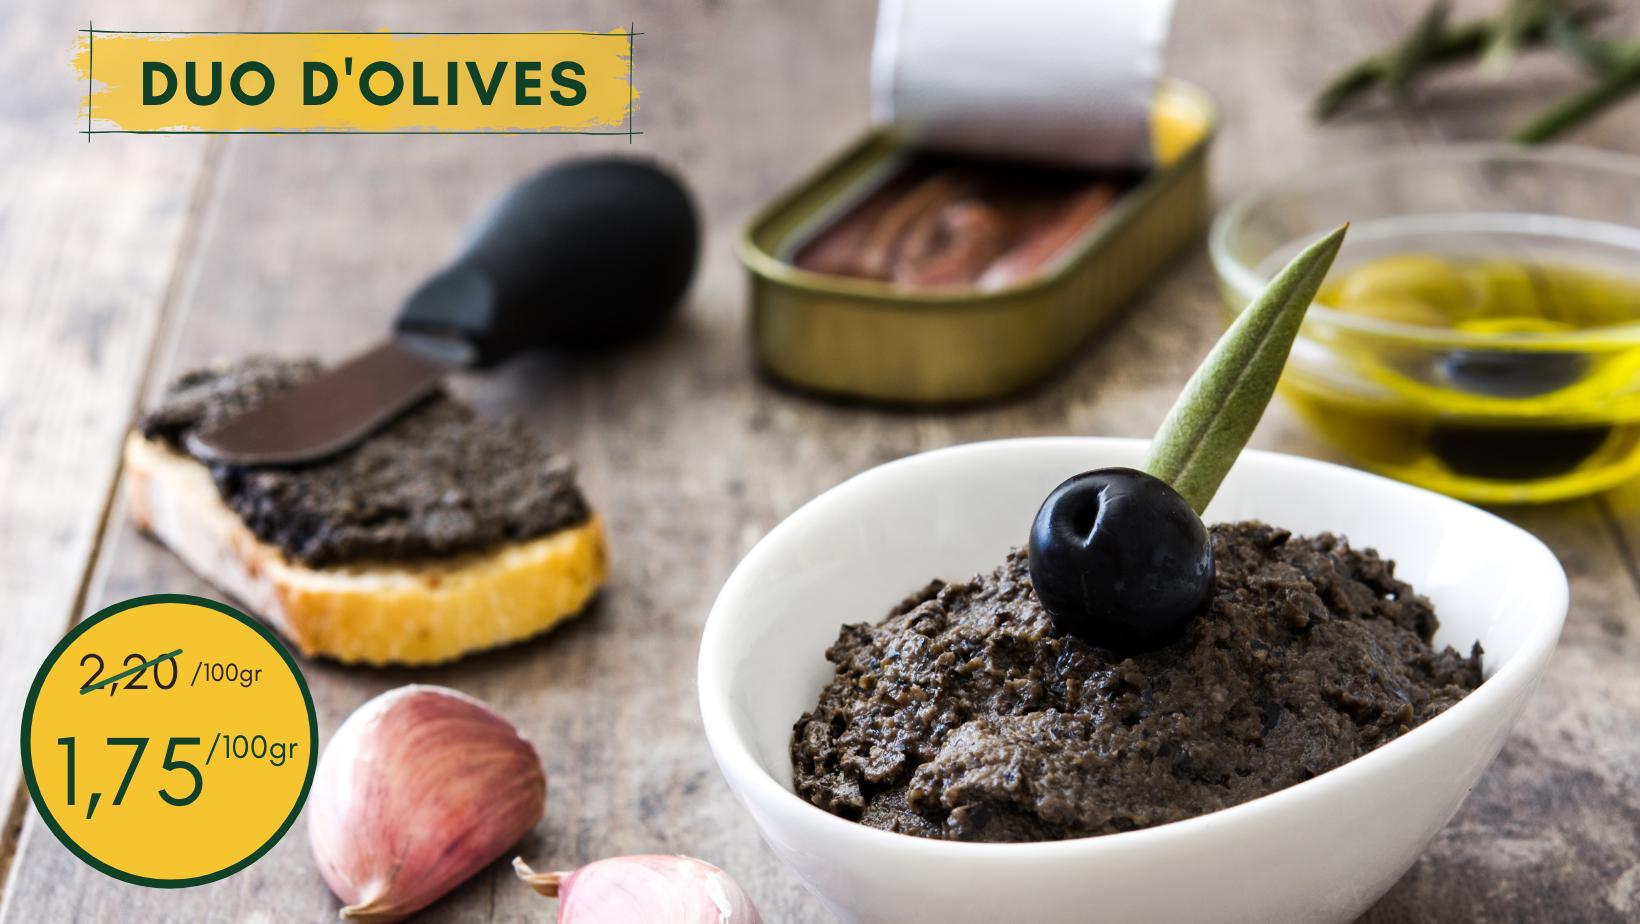 Craquez pour le duo d'olives !